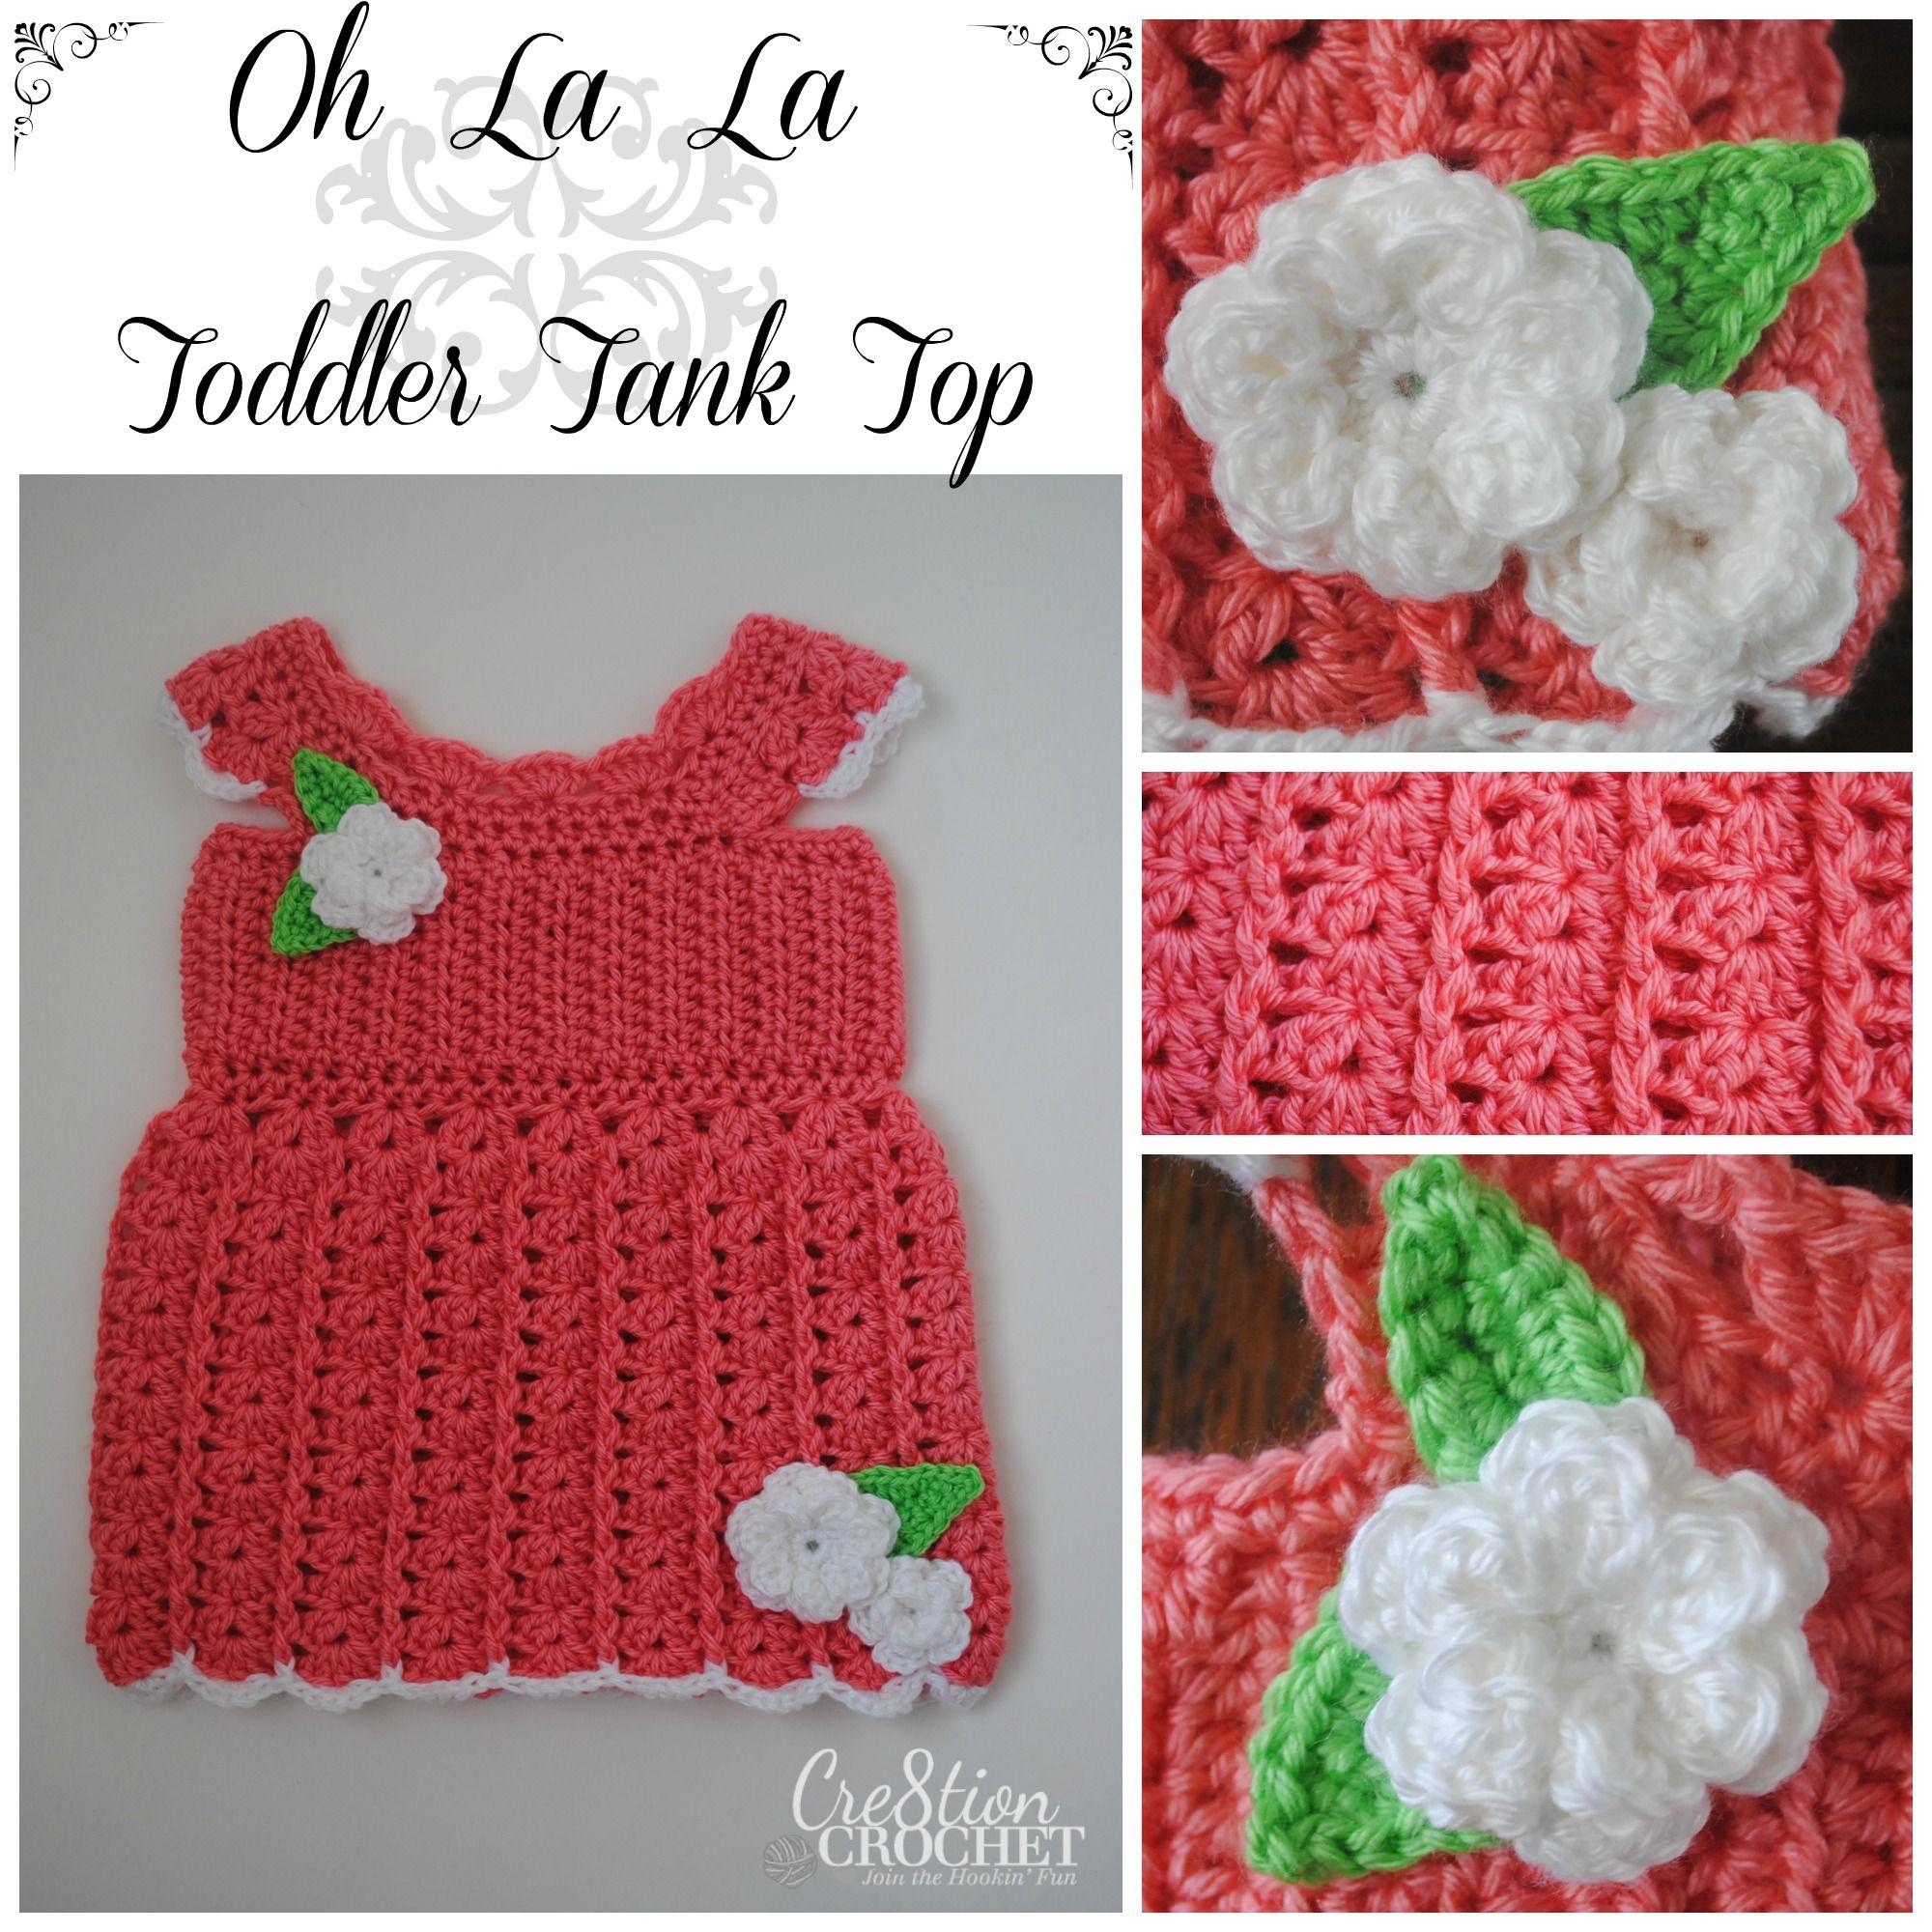 Free crochet pattern oh la la toddler tank cre8tioncrochet free crochet pattern oh la la toddler tank cre8tioncrochet bankloansurffo Gallery